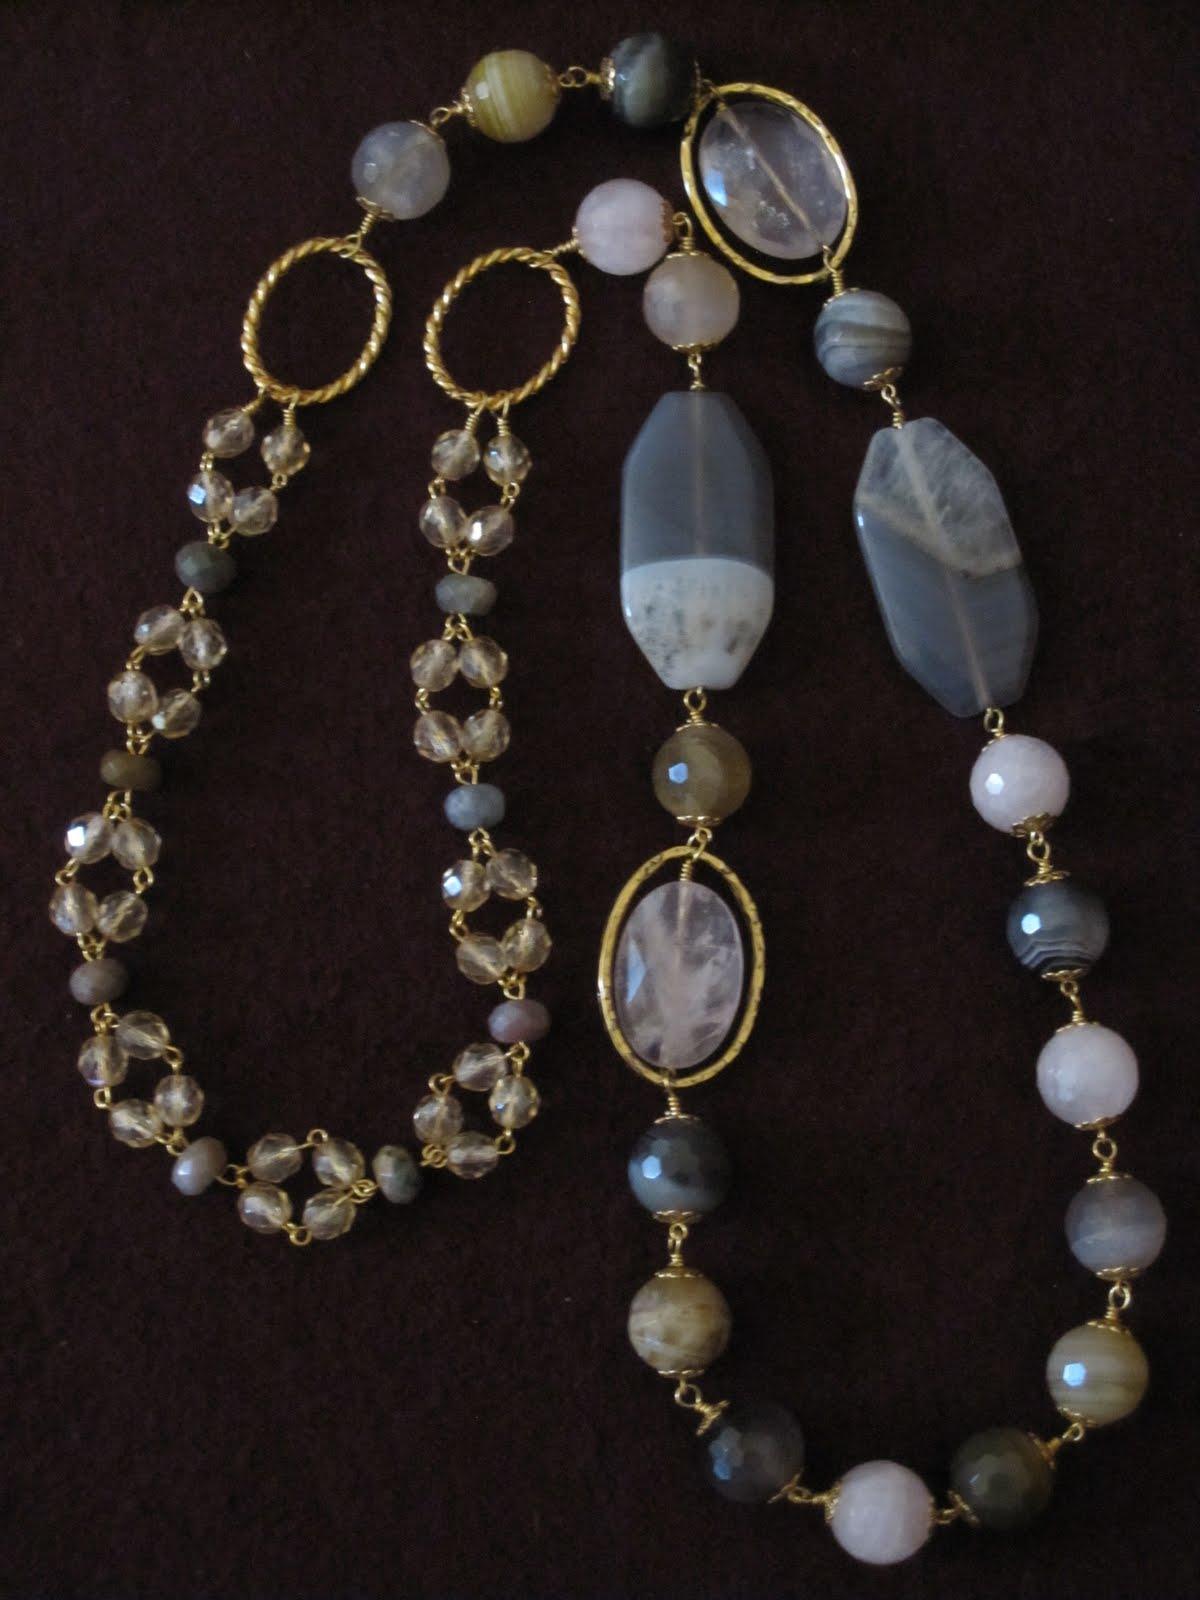 d427f3489b66 Collar largo en dorado con cuarzos (2 grandes alargados en gris y 2 ovales  facetados de cuarzo rosa